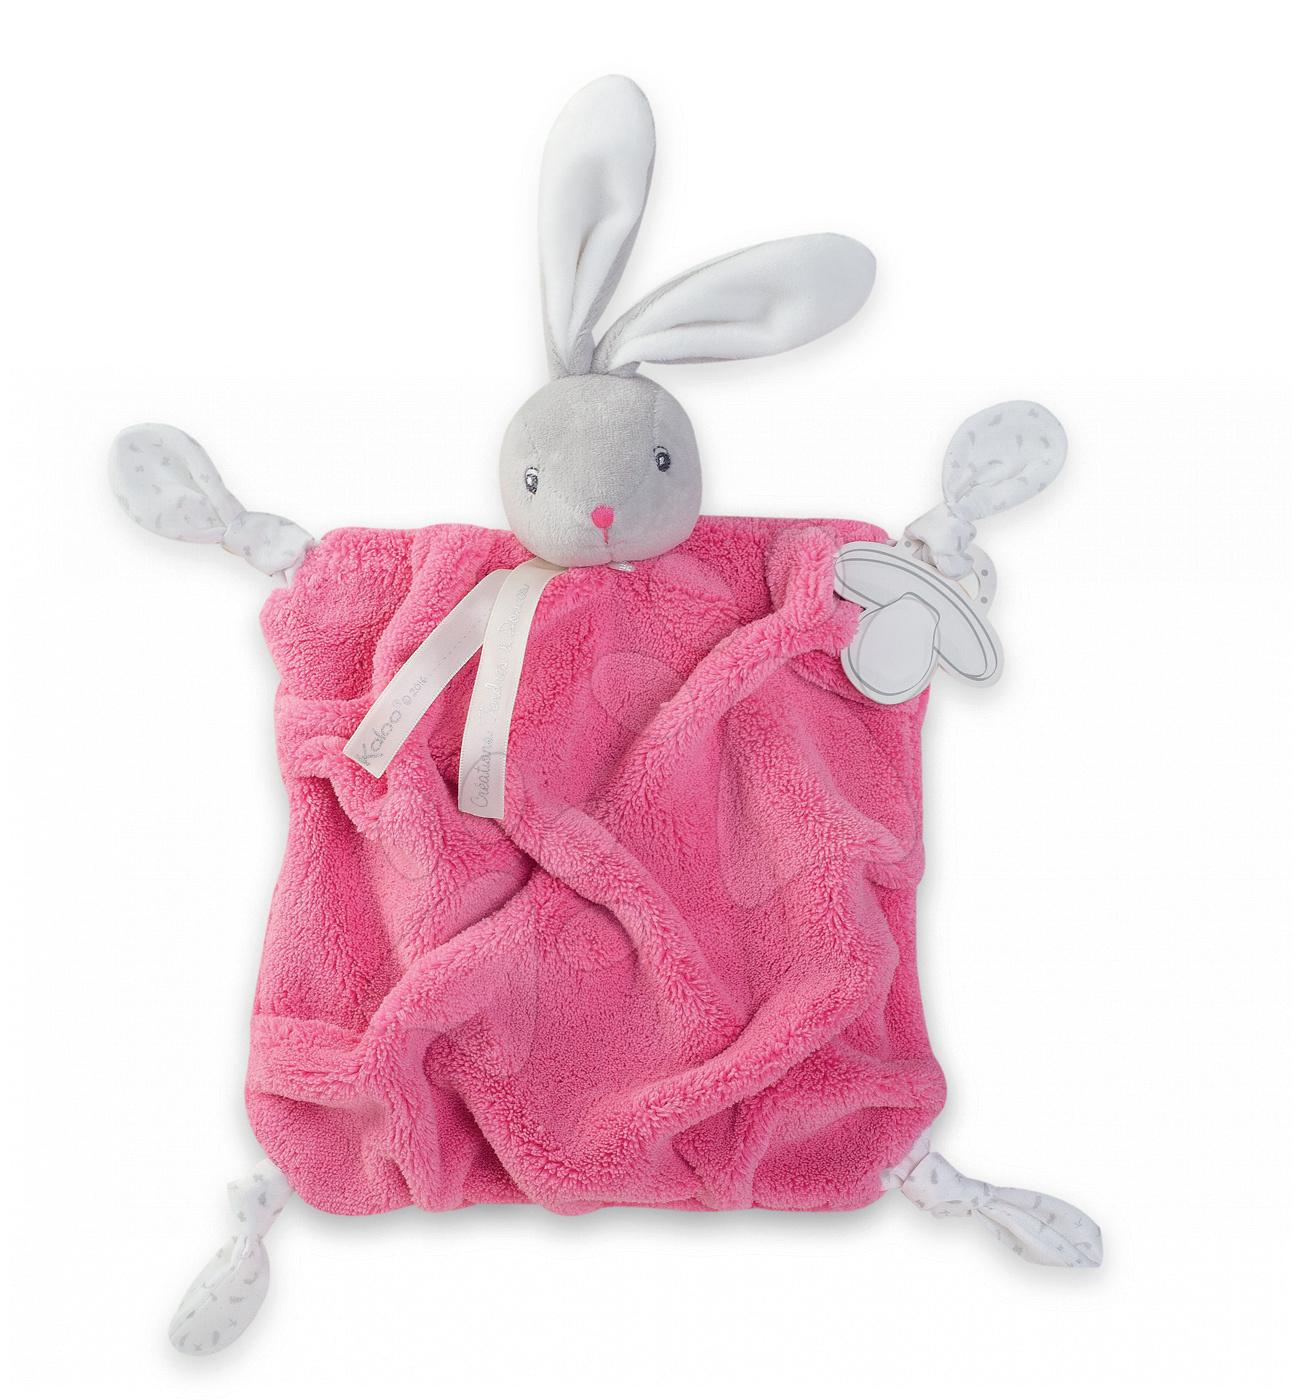 Plyšový zajačik na maznanie Plume Doudou Kaloo 20 cm v darčekovom balení pre najmenšie deti ružový